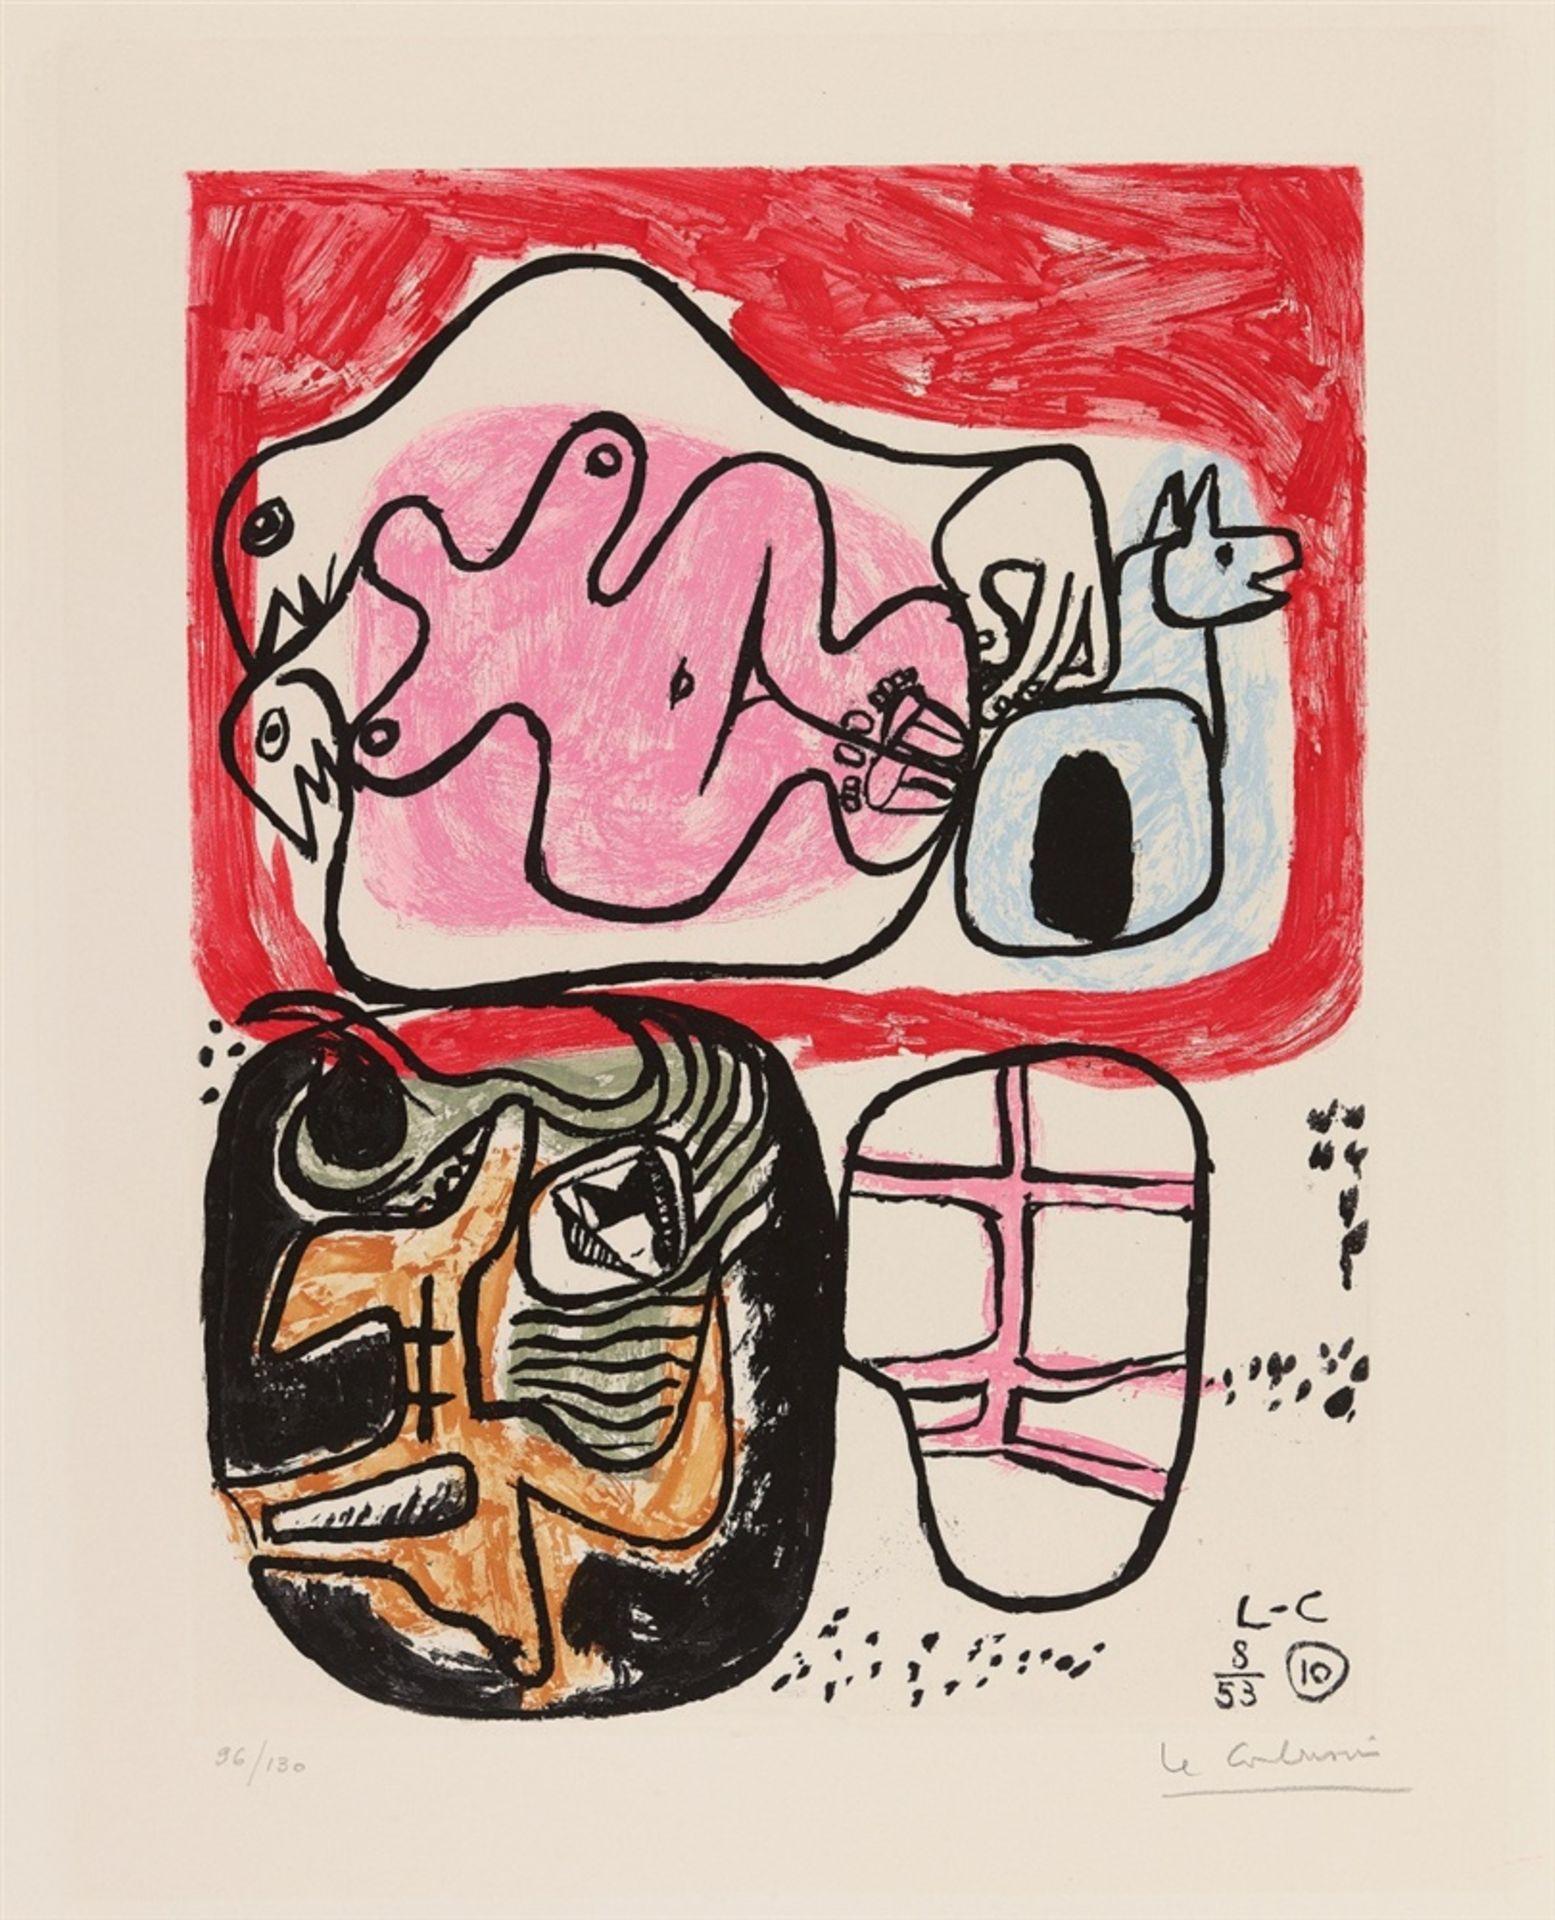 Le Corbusier (Charles-Édouard Jeanneret)Unité - Bild 19 aus 27